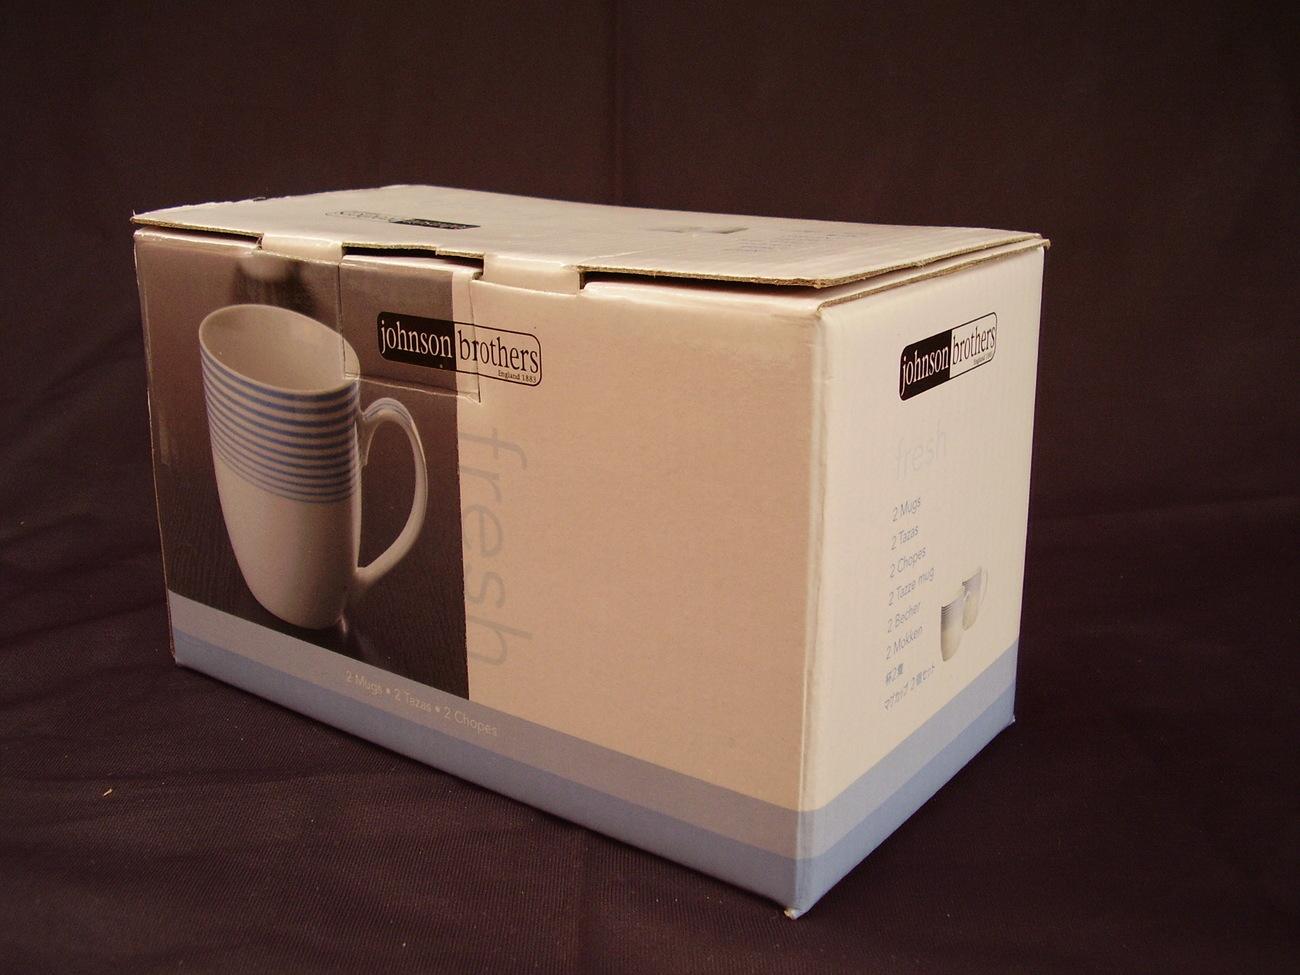 Johnson Bros Fresh Boxed Set of 2 Coffee Mugs NIB White Blue Stripes